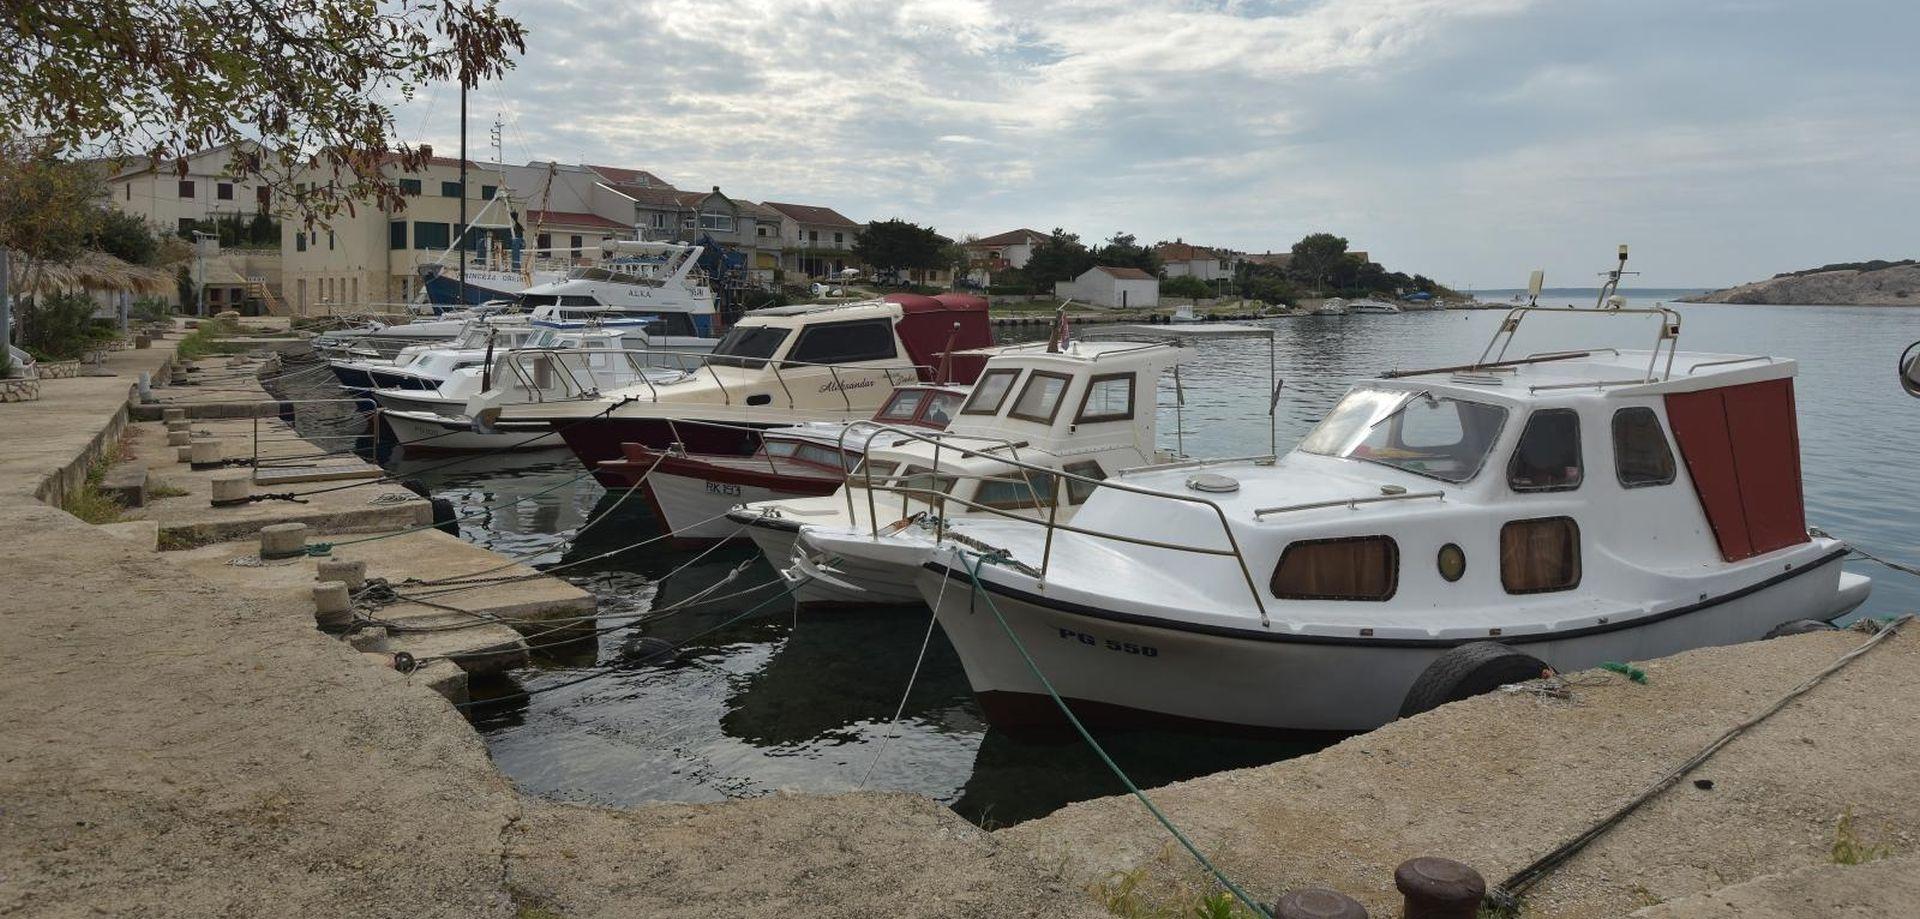 Policija pokrenula istragu protiv muškarca koji se zabio brodicom u otok